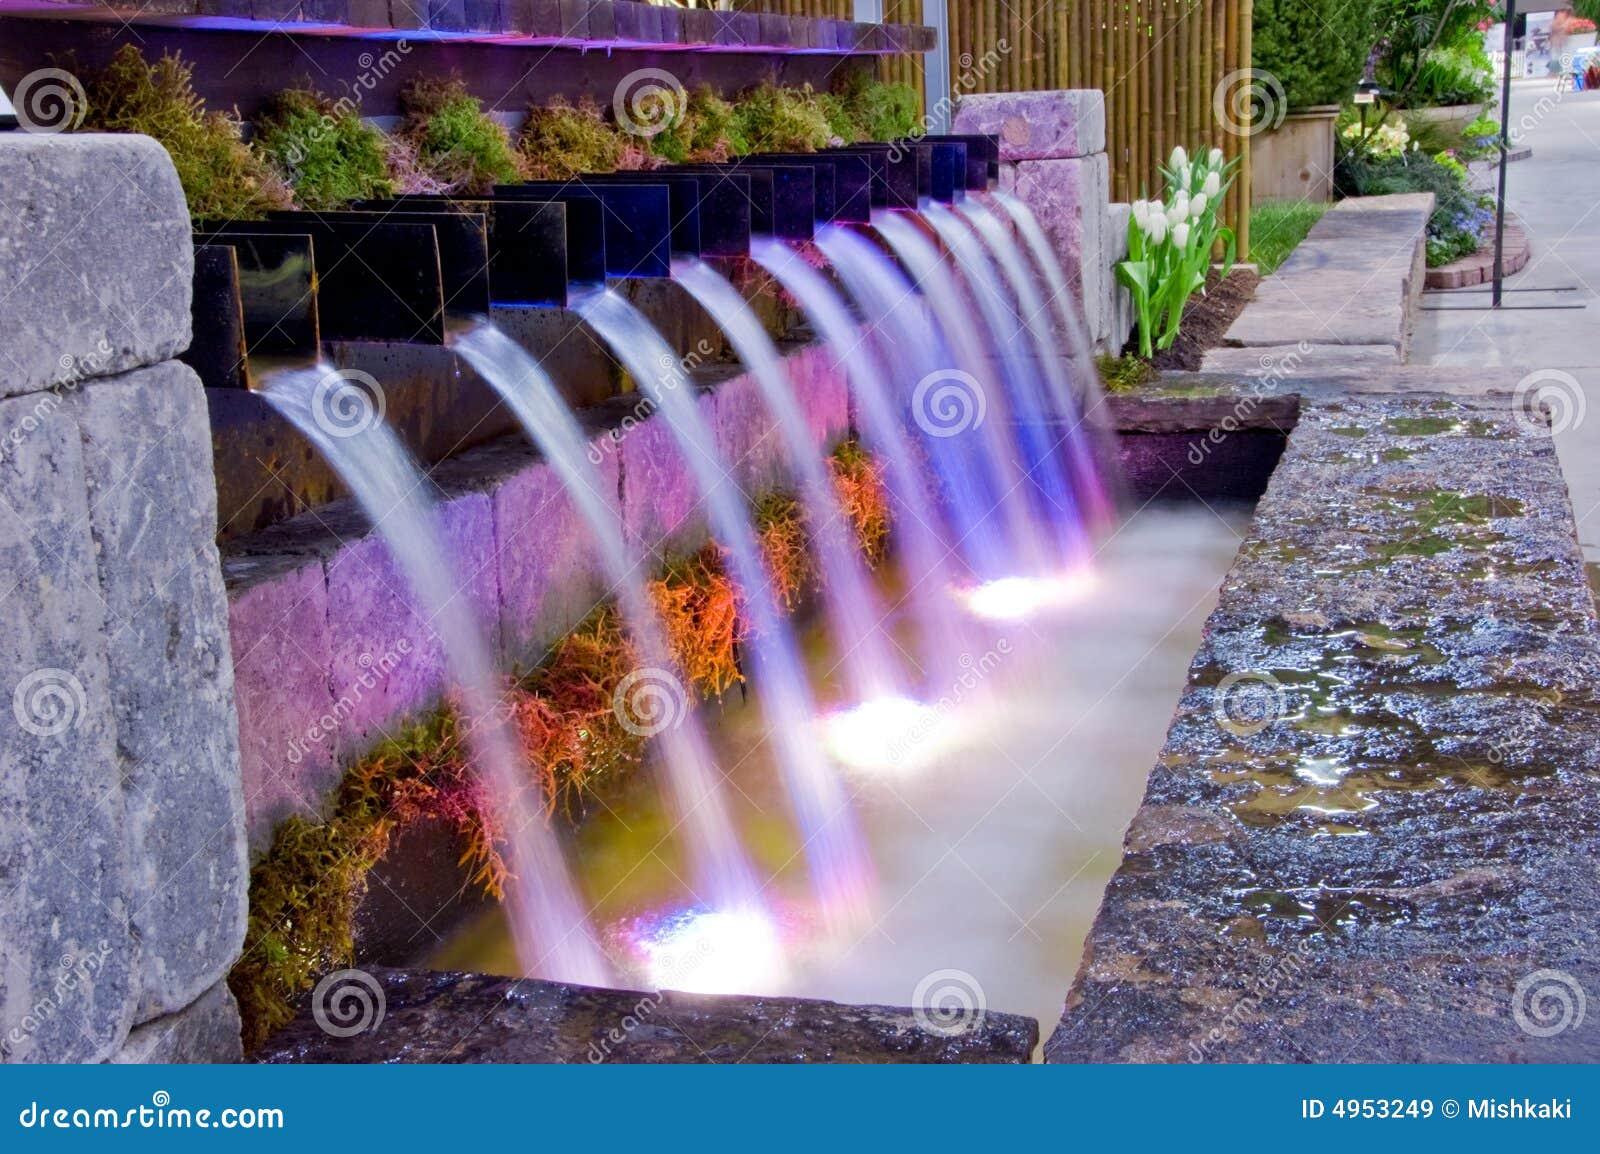 Garten wasserfall lizenzfreie stockbilder bild 4953249 - Garten wasserfall ...